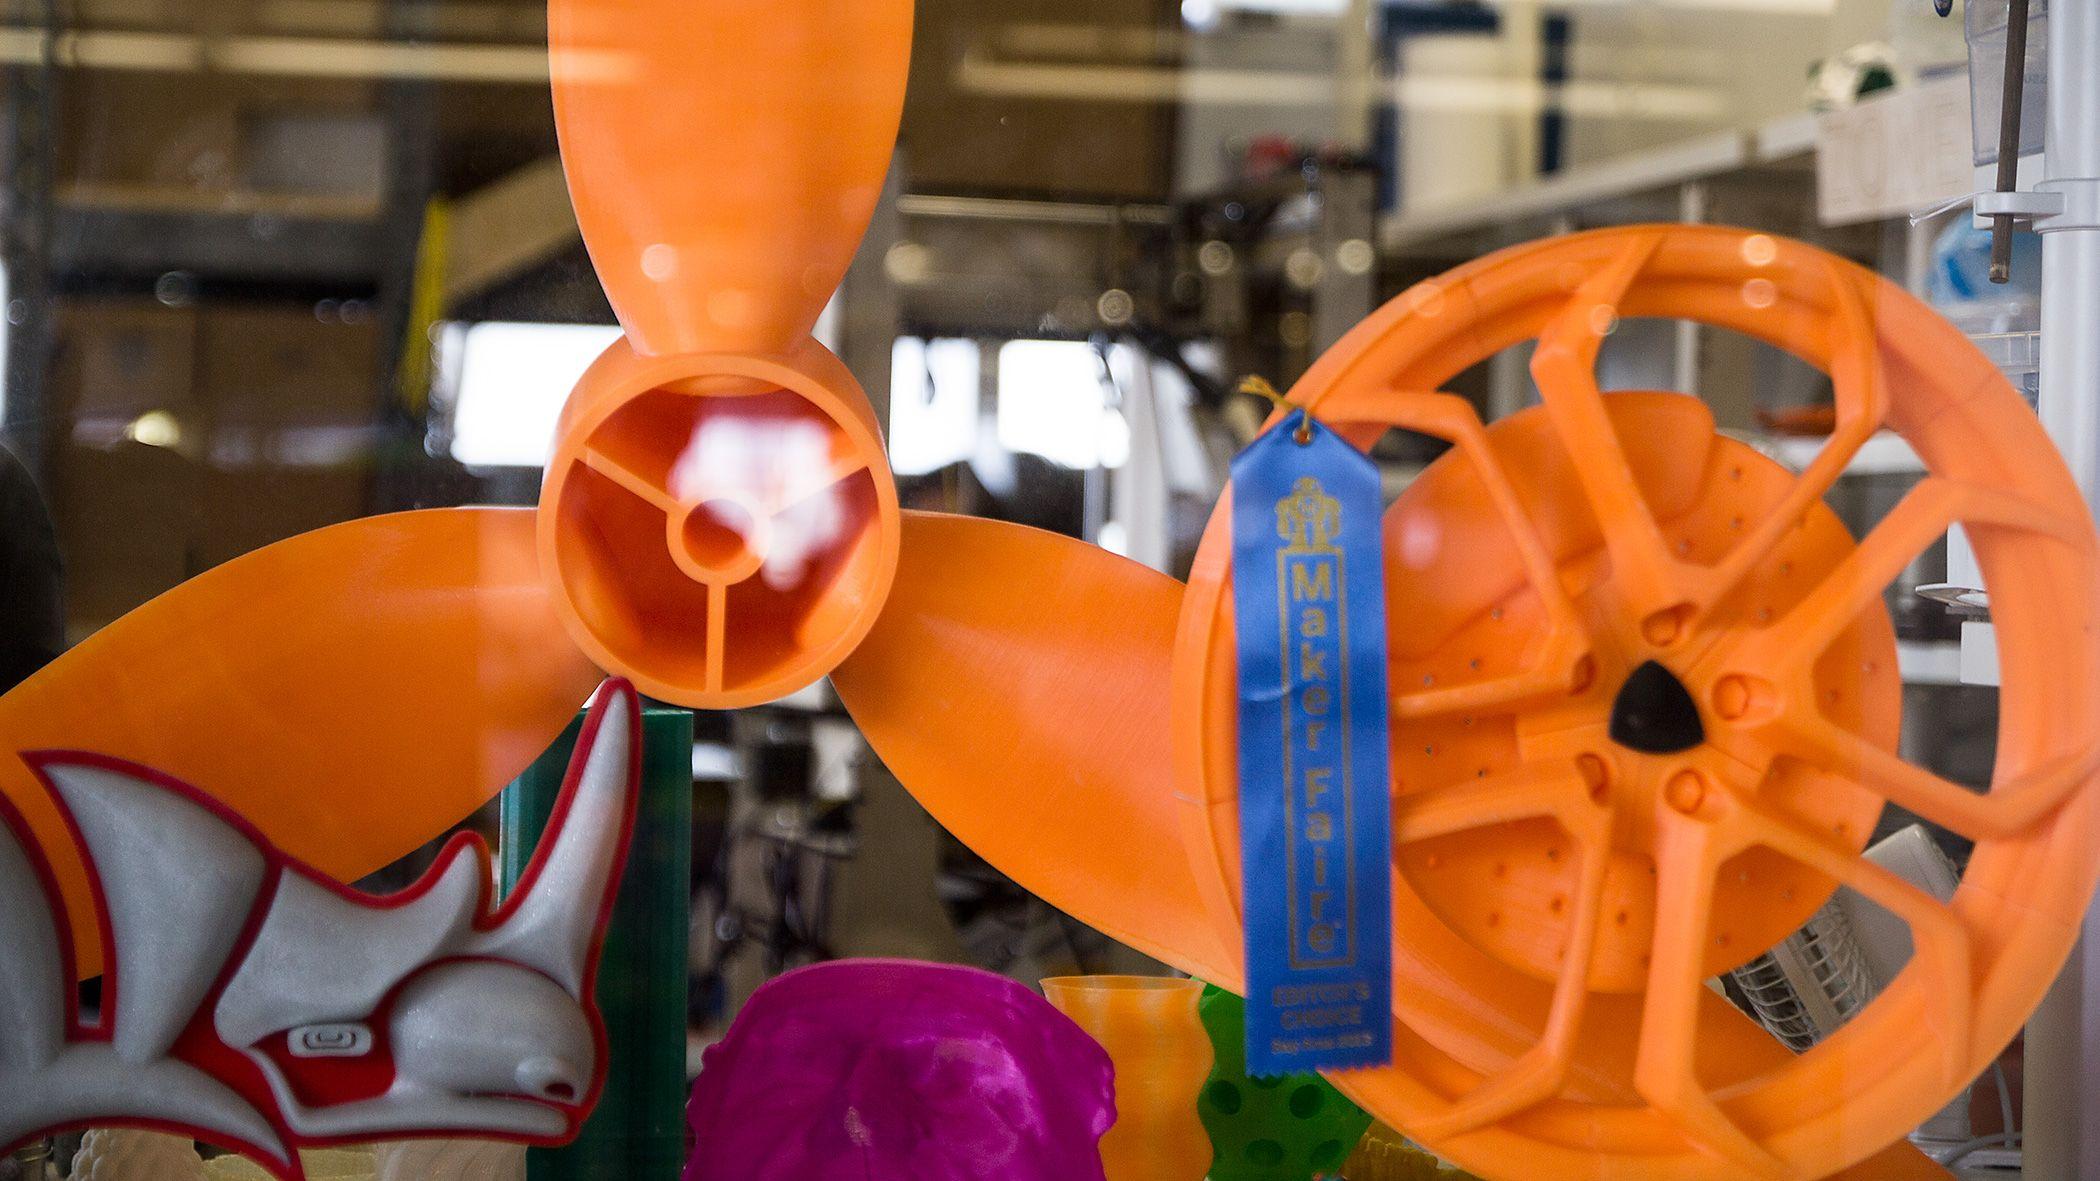 Flere spennende modeller står utstilt i kontorvinduet ut mot resten av TechShop-verkstedet.Foto: Varg Aamo, Hardware.no